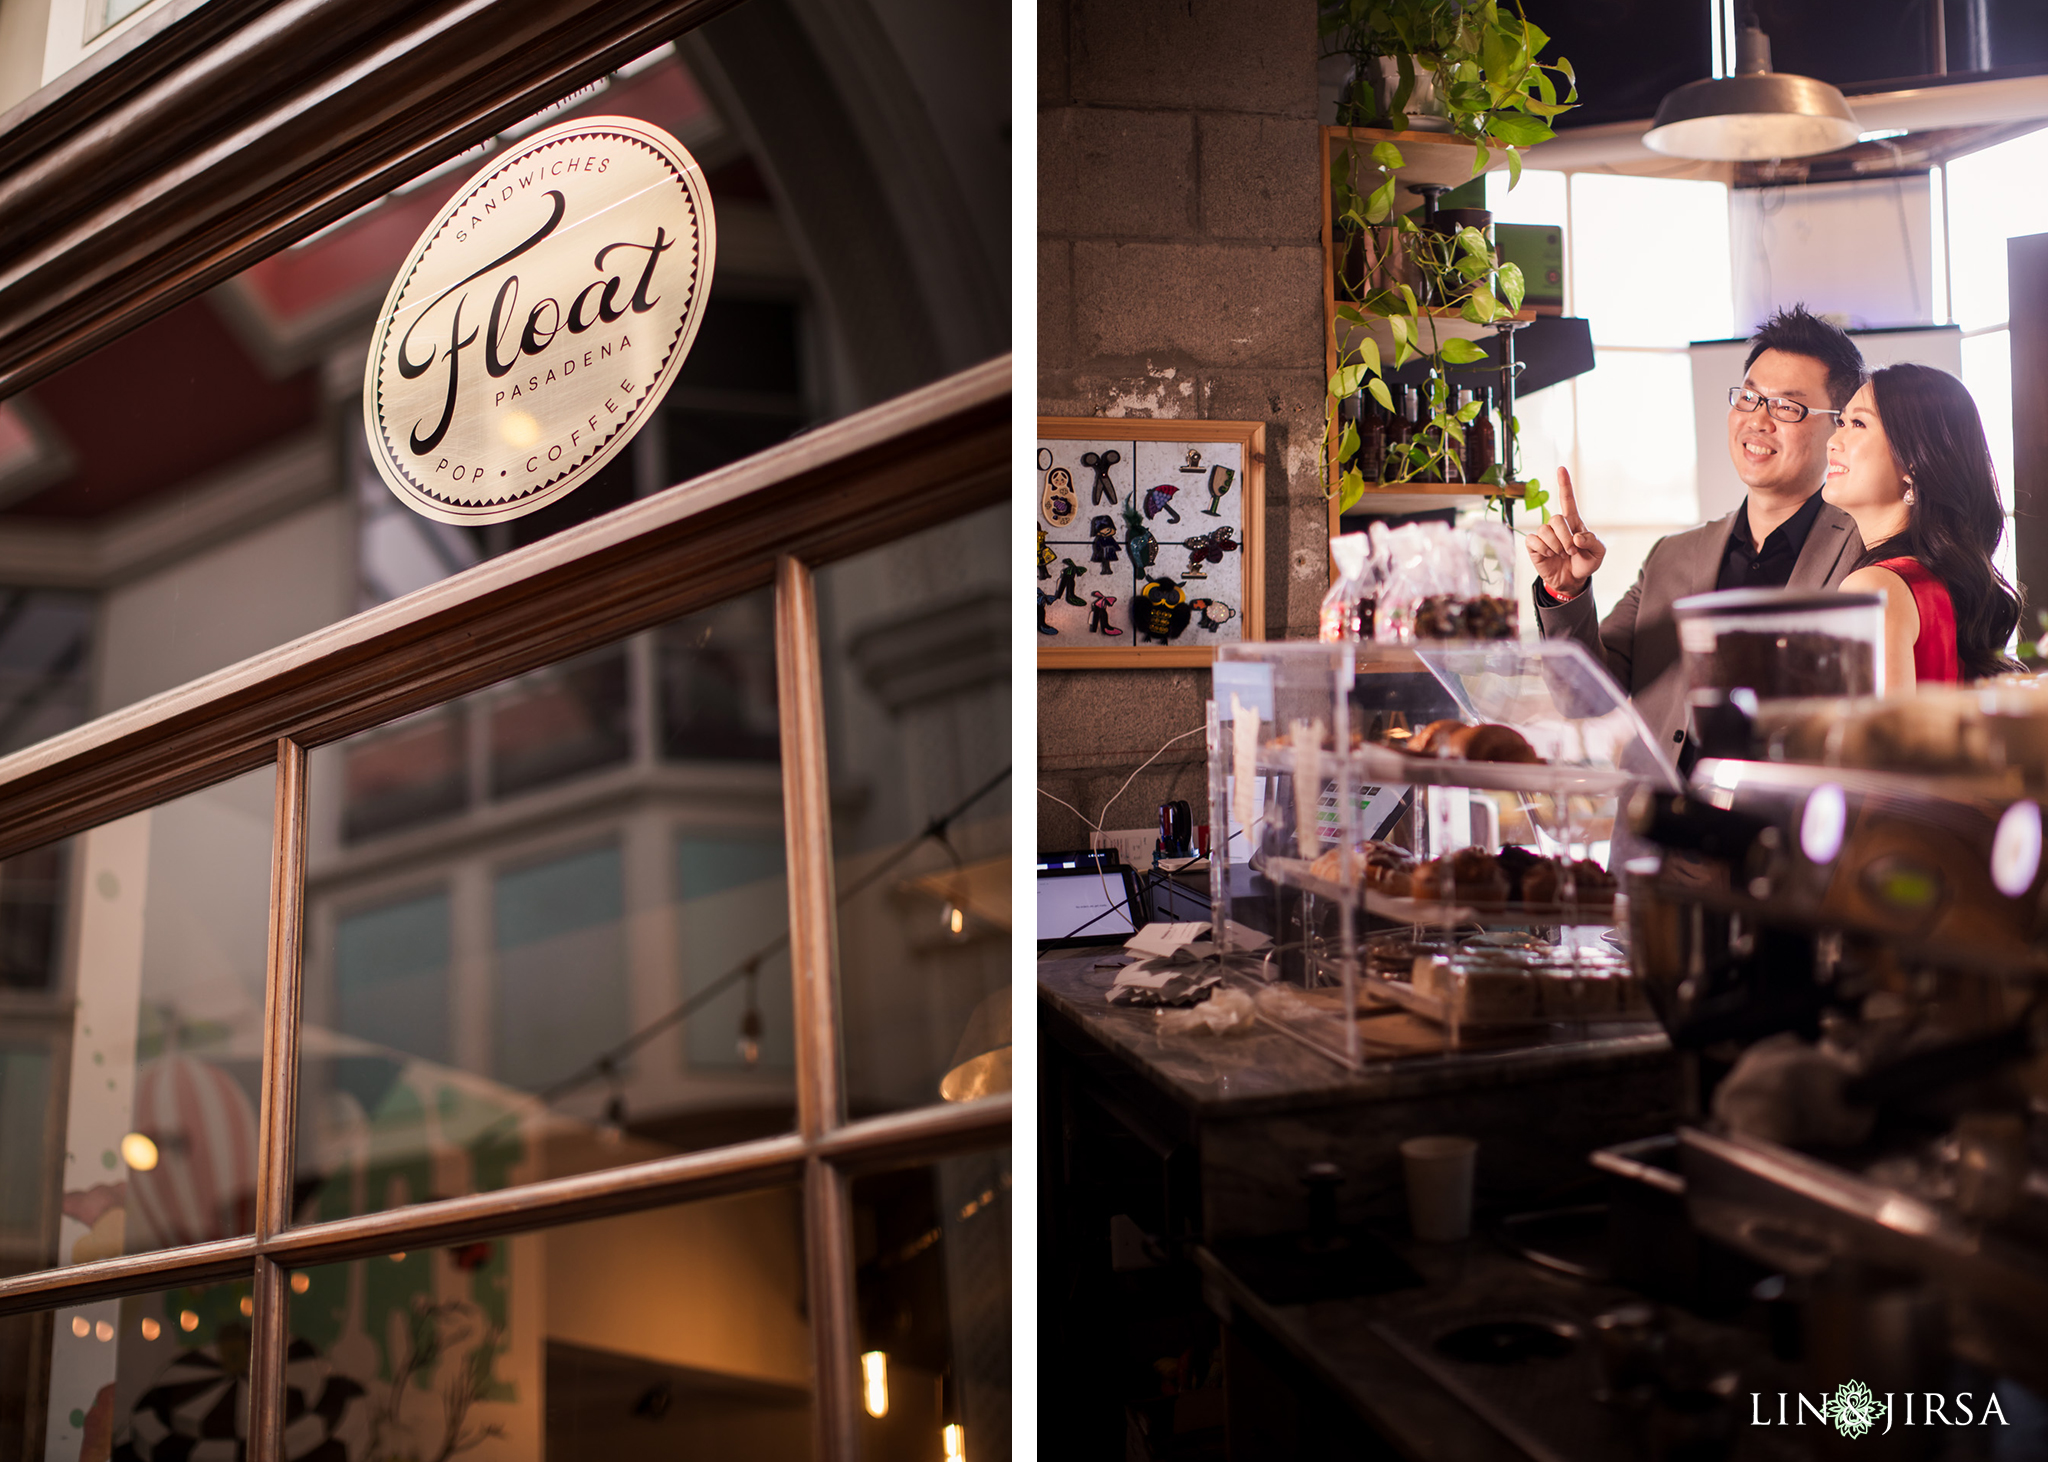 zmsantos Float Downtown Pasadena Engagement Photography